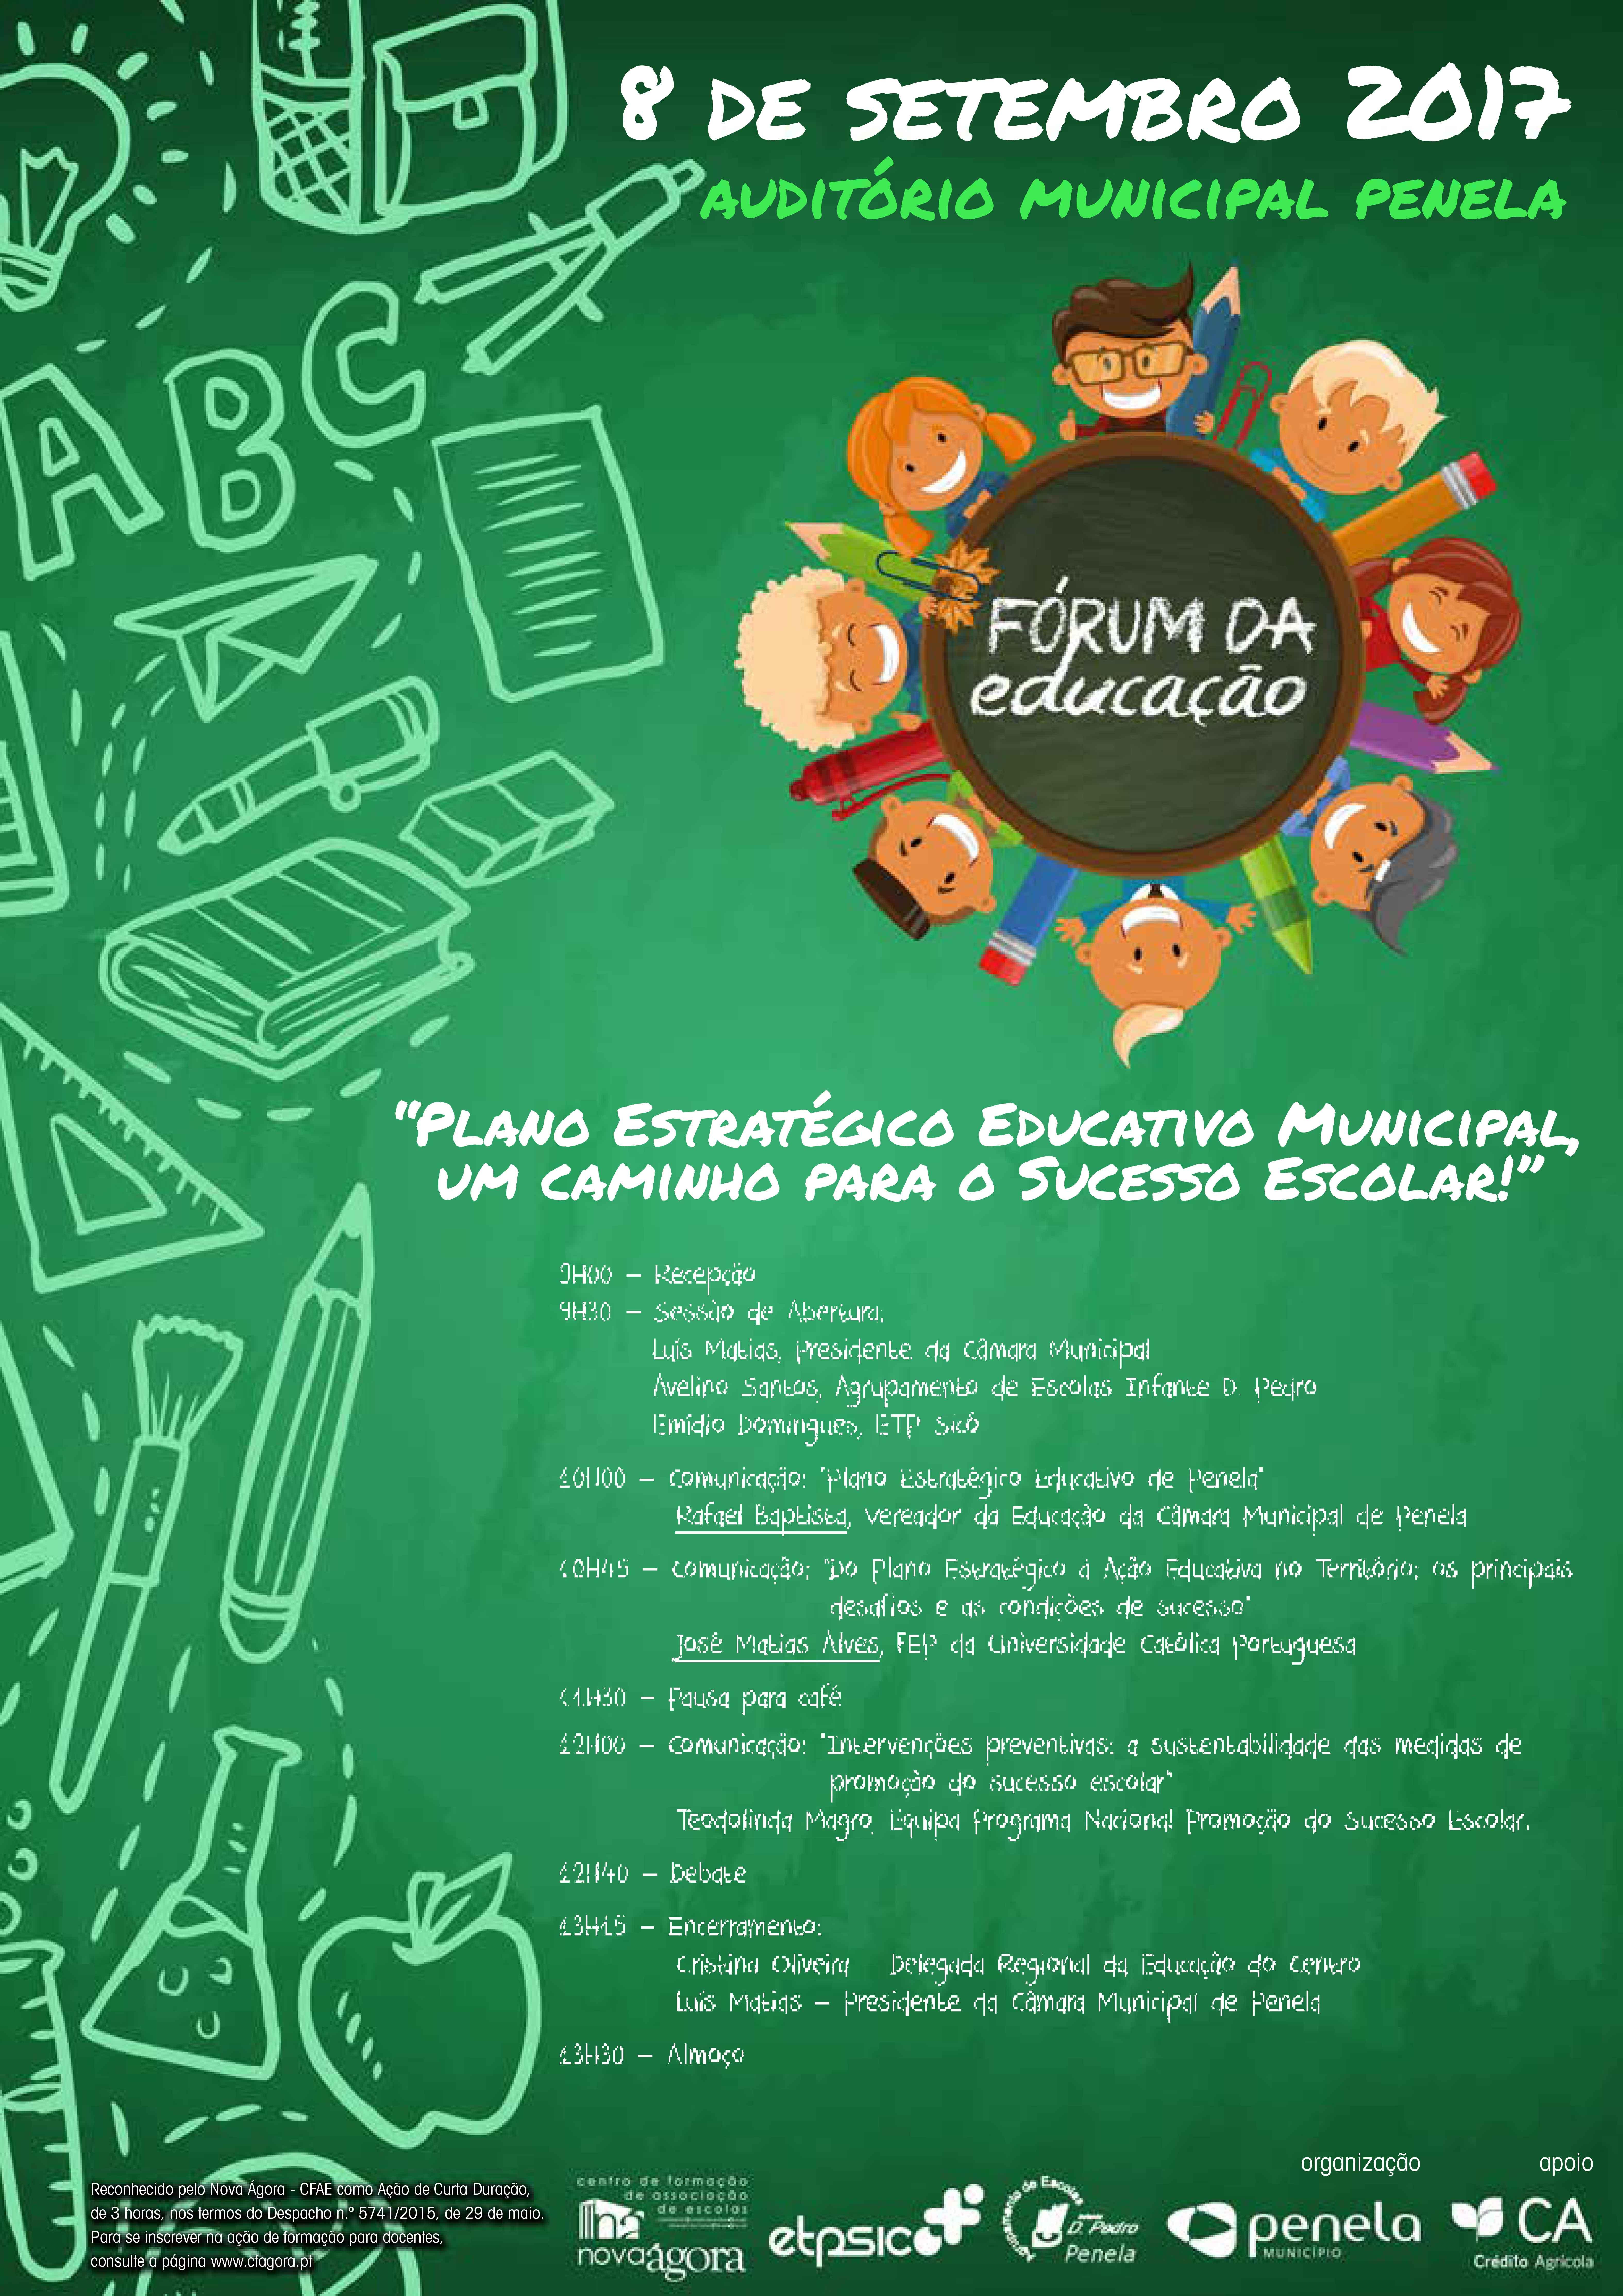 """XI Fórum da Educação - Penela: """"Plano Educativo Estratégico Municipal, um caminho para o sucesso escolar"""""""